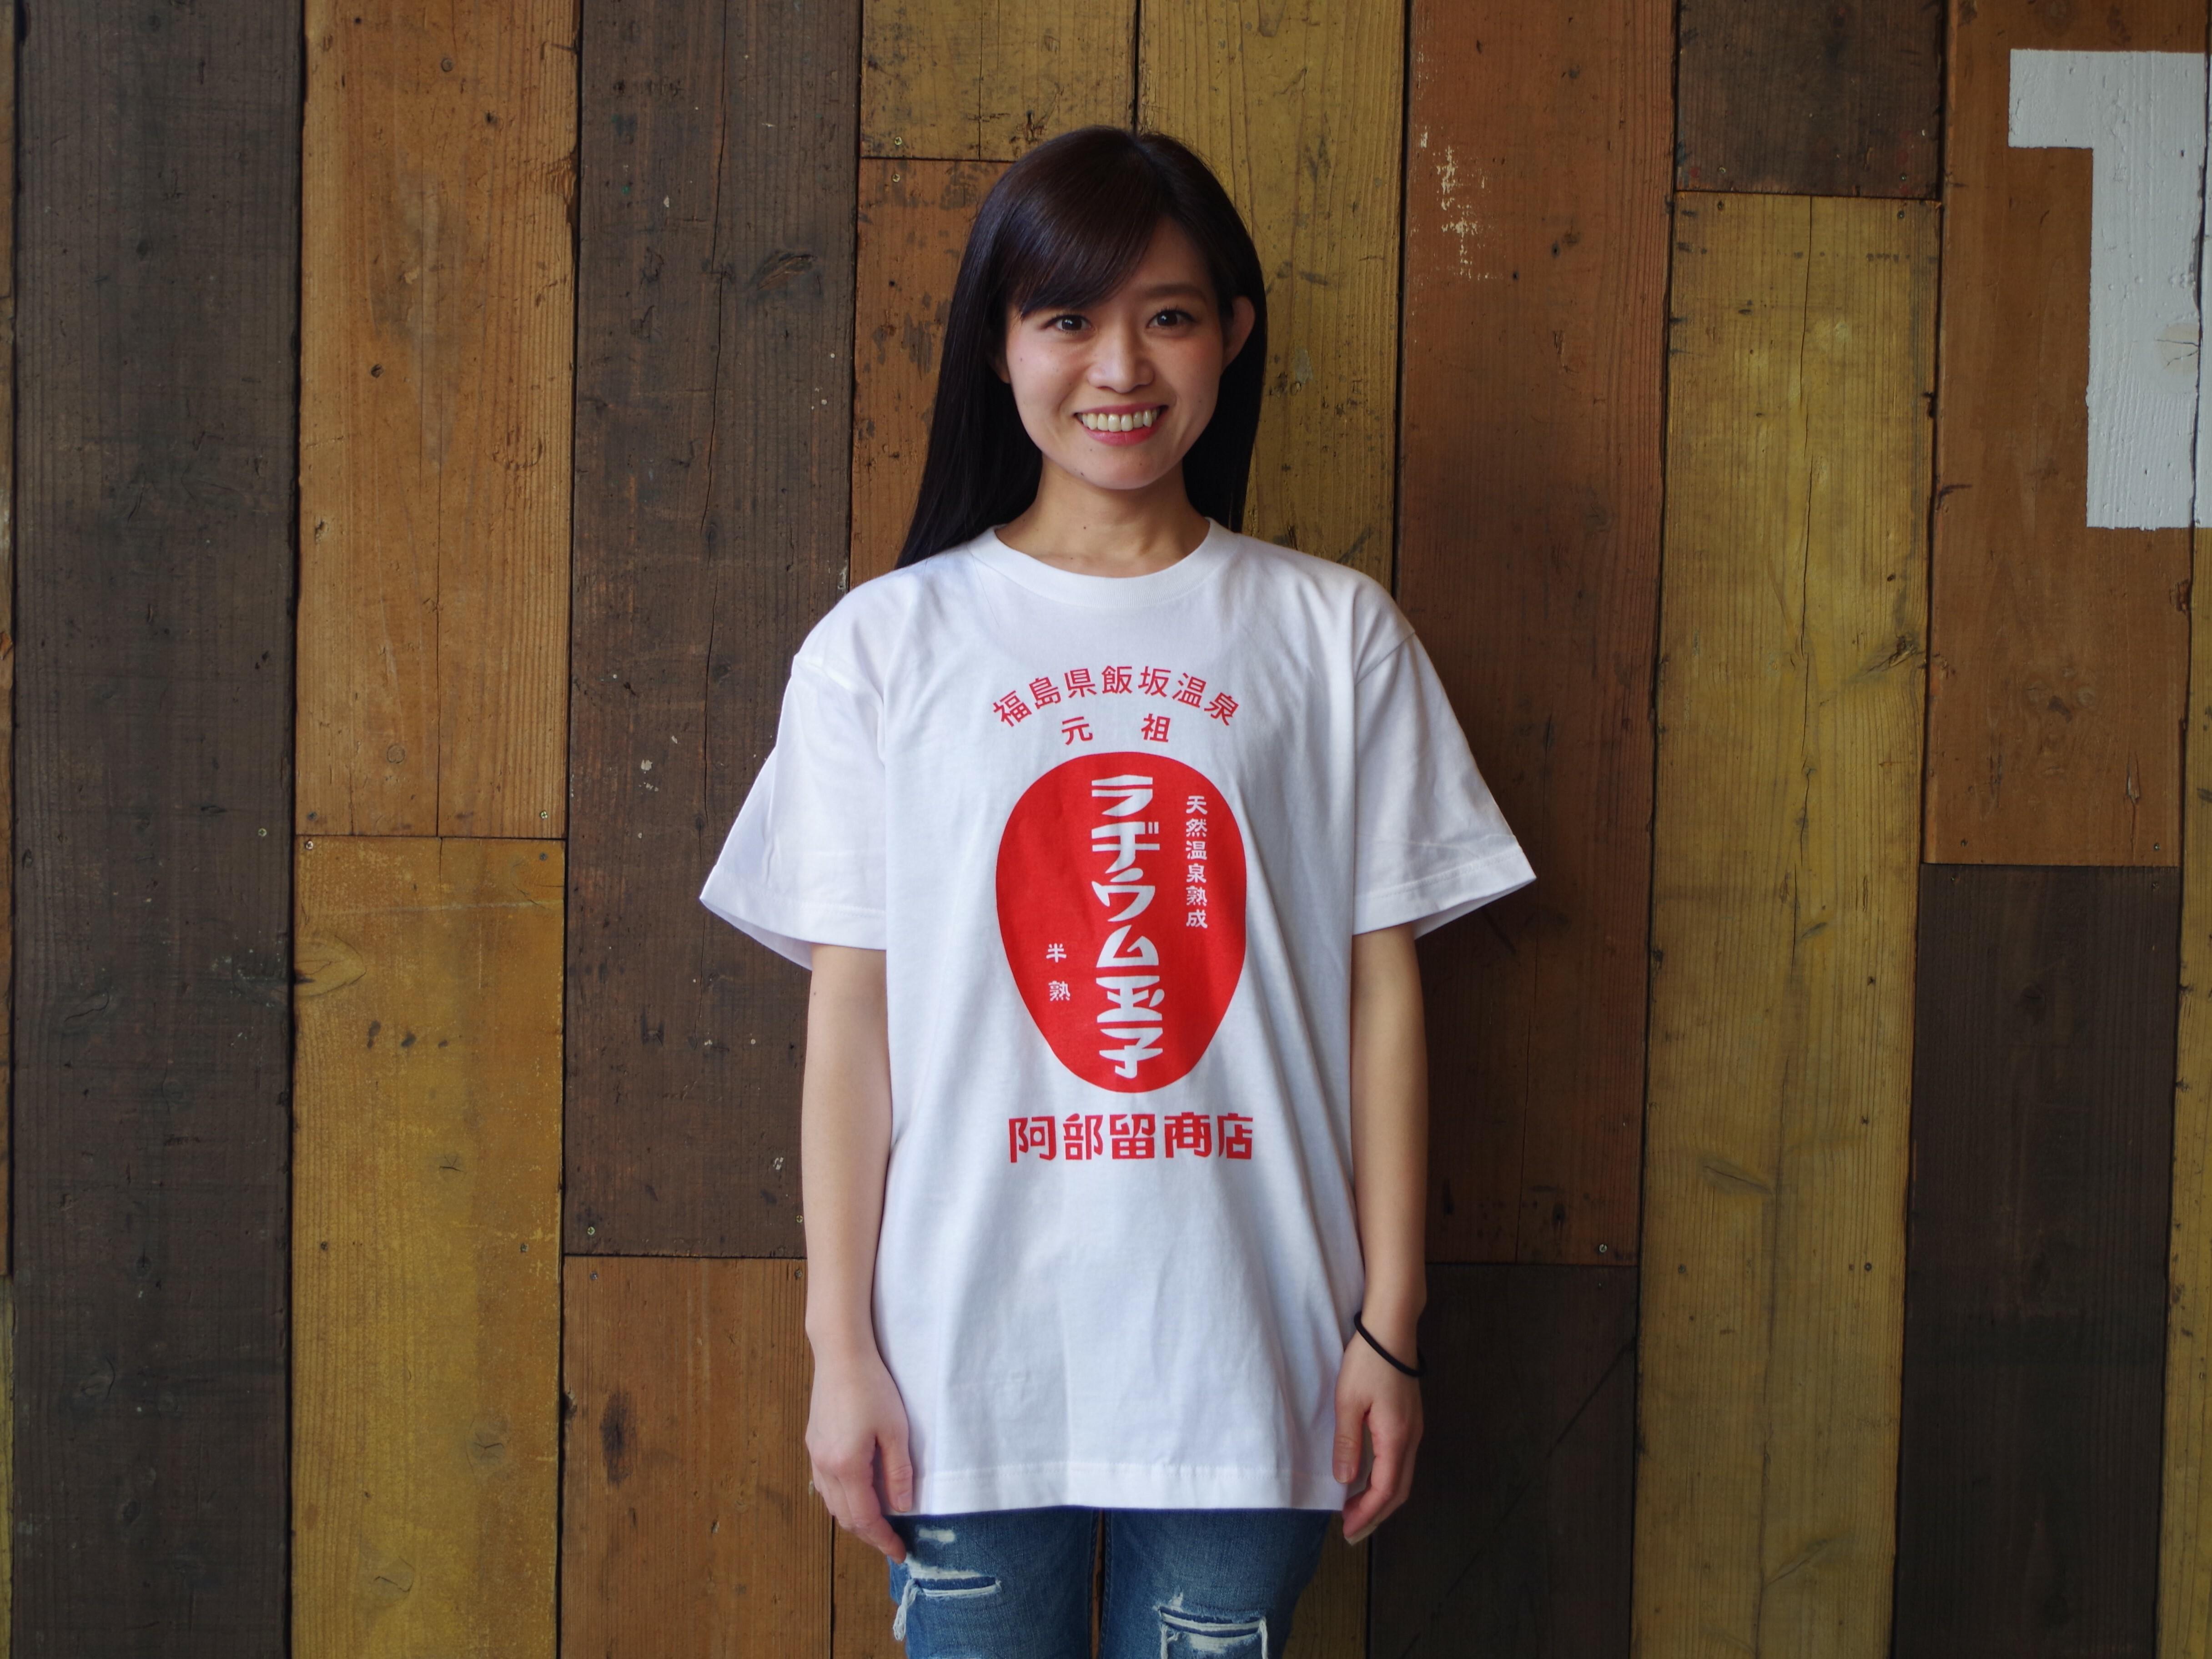 【ラヂT】ラヂウム玉子Tシャツ